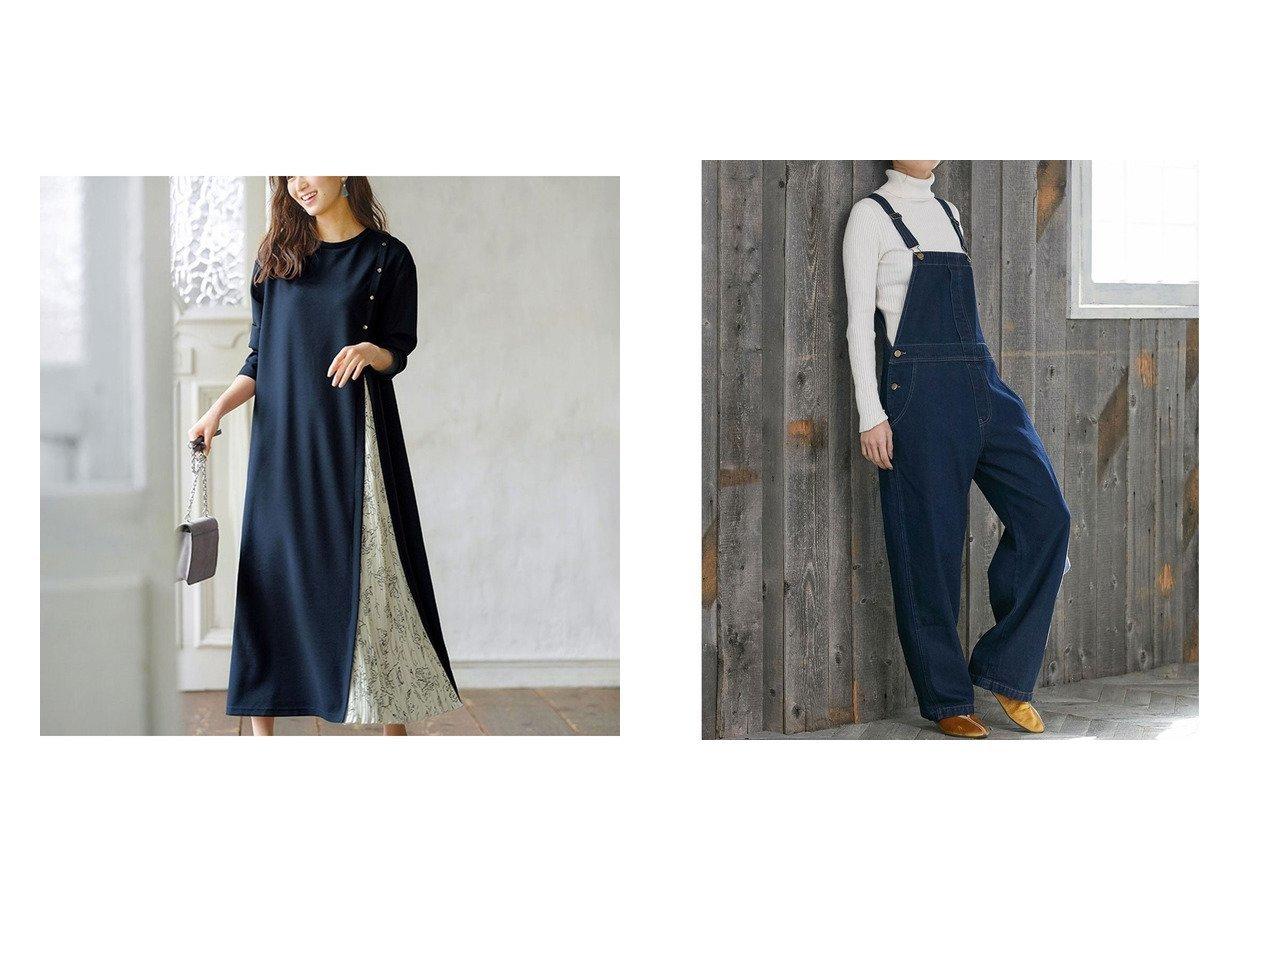 【GeeRa/ジーラ】のボタンデザインサイドプリーツワンピース&【VIS/ビス】の【Daily use】デニムサロペット ワンピース・ドレスのおすすめ!人気、トレンド・レディースファッションの通販 おすすめで人気の流行・トレンド、ファッションの通販商品 メンズファッション・キッズファッション・インテリア・家具・レディースファッション・服の通販 founy(ファニー) https://founy.com/ ファッション Fashion レディースファッション WOMEN ワンピース Dress サロペット Salopette 2021年 2021 2021 春夏 S/S SS Spring/Summer 2021 S/S 春夏 SS Spring/Summer インナー ジョーゼット フロント プリーツ 春 Spring ポケット  ID:crp329100000014779